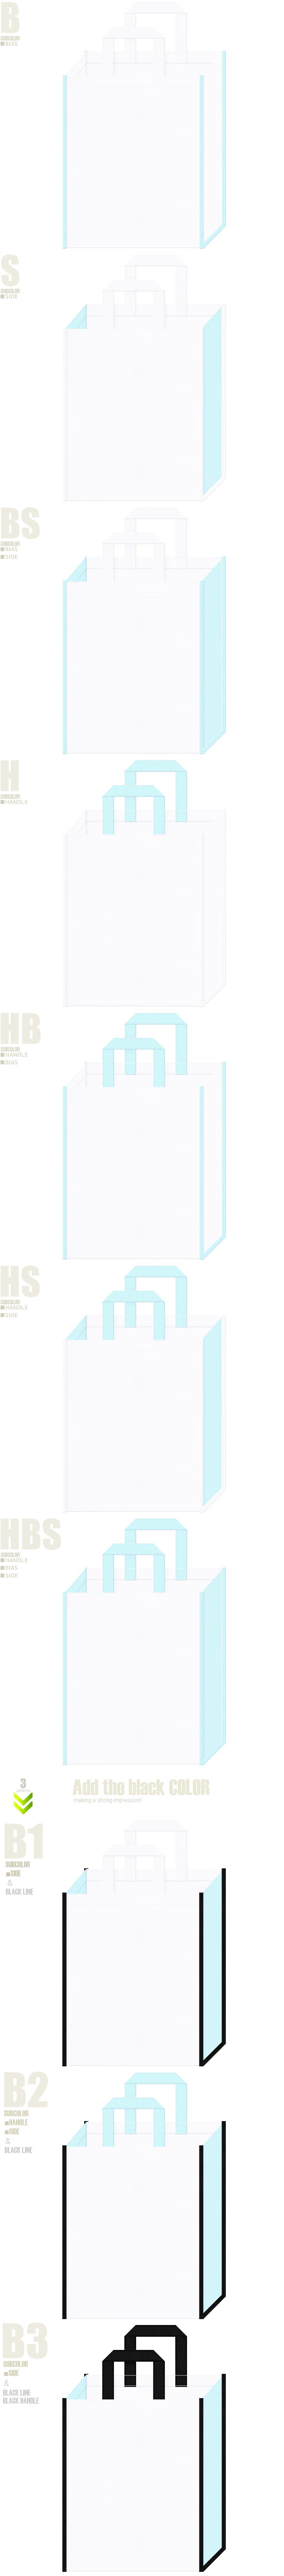 展示会用バッグ・スポーツイベント・ミネラルウォーター・透明飲料・水道設備・浄水器・デンタルセミナー・衛生用品・介護用品・バス用品・医薬品・医療機器・薬学部・歯学部・医学部・水産・学校・学園・オープンキャンパスにお奨めの不織布バッグデザイン:白色と水色のコーデ10パターン